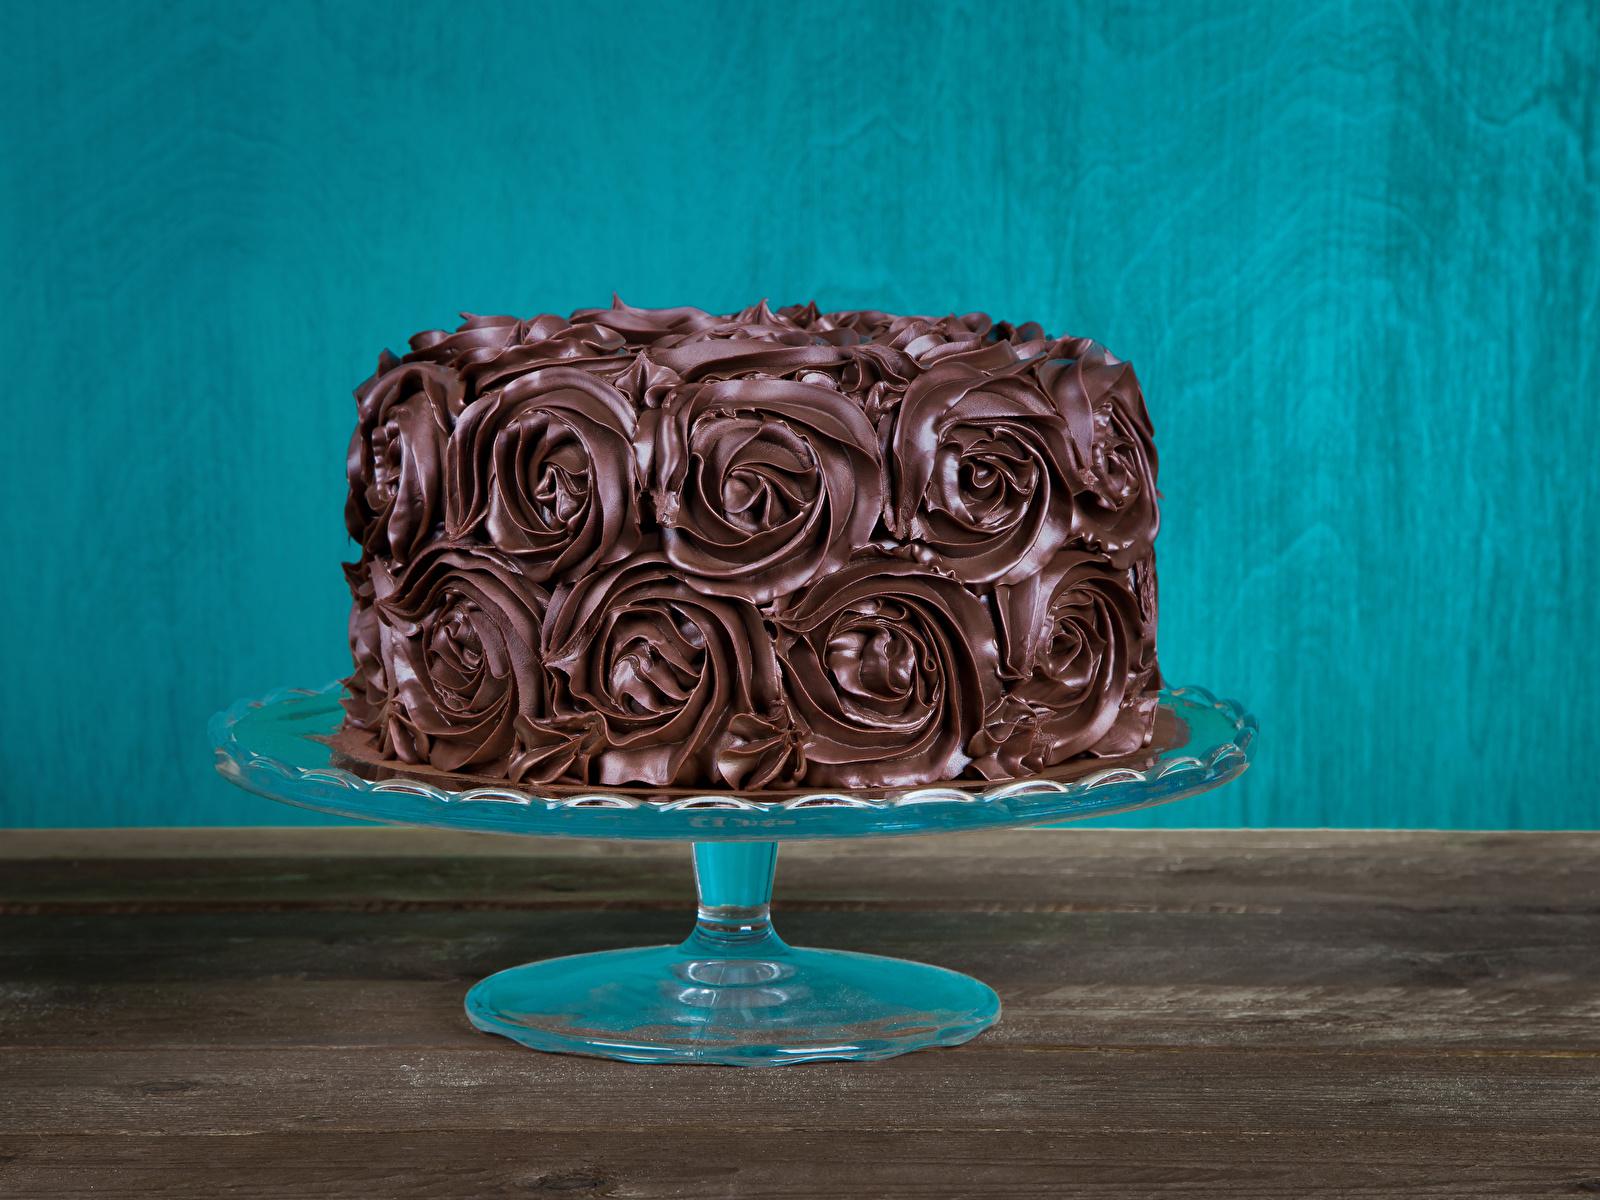 Картинка Шоколад Торты Продукты питания Сладости Дизайн 1600x1200 Еда Пища дизайна